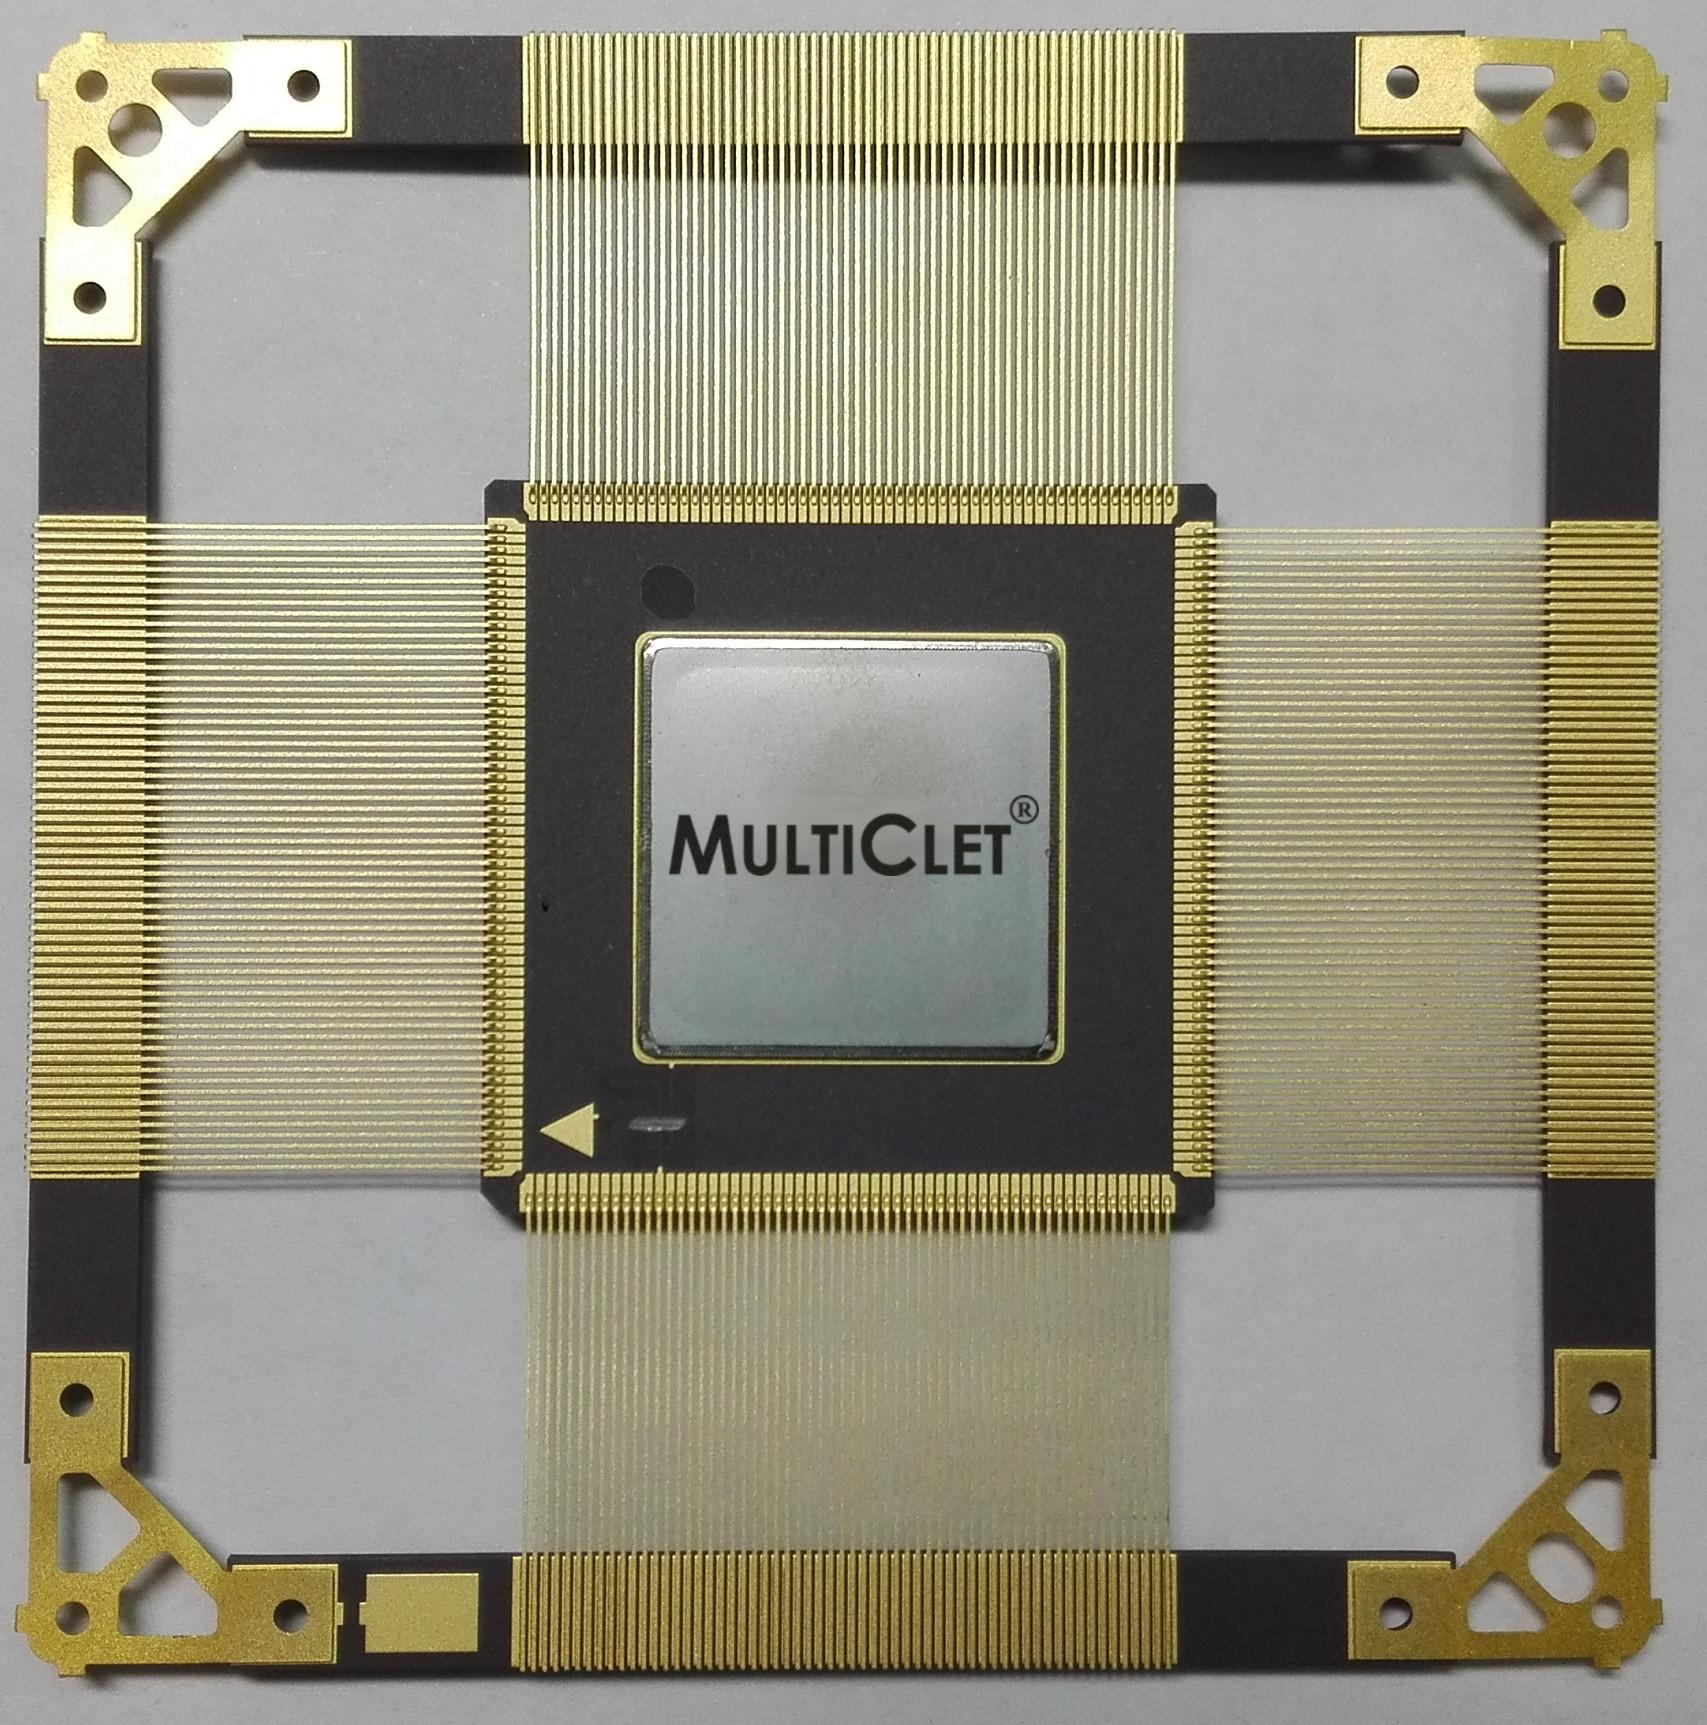 Компилятор С-С++ на базе LLVM для мультиклеточных процессоров: быть или не быть? - 1